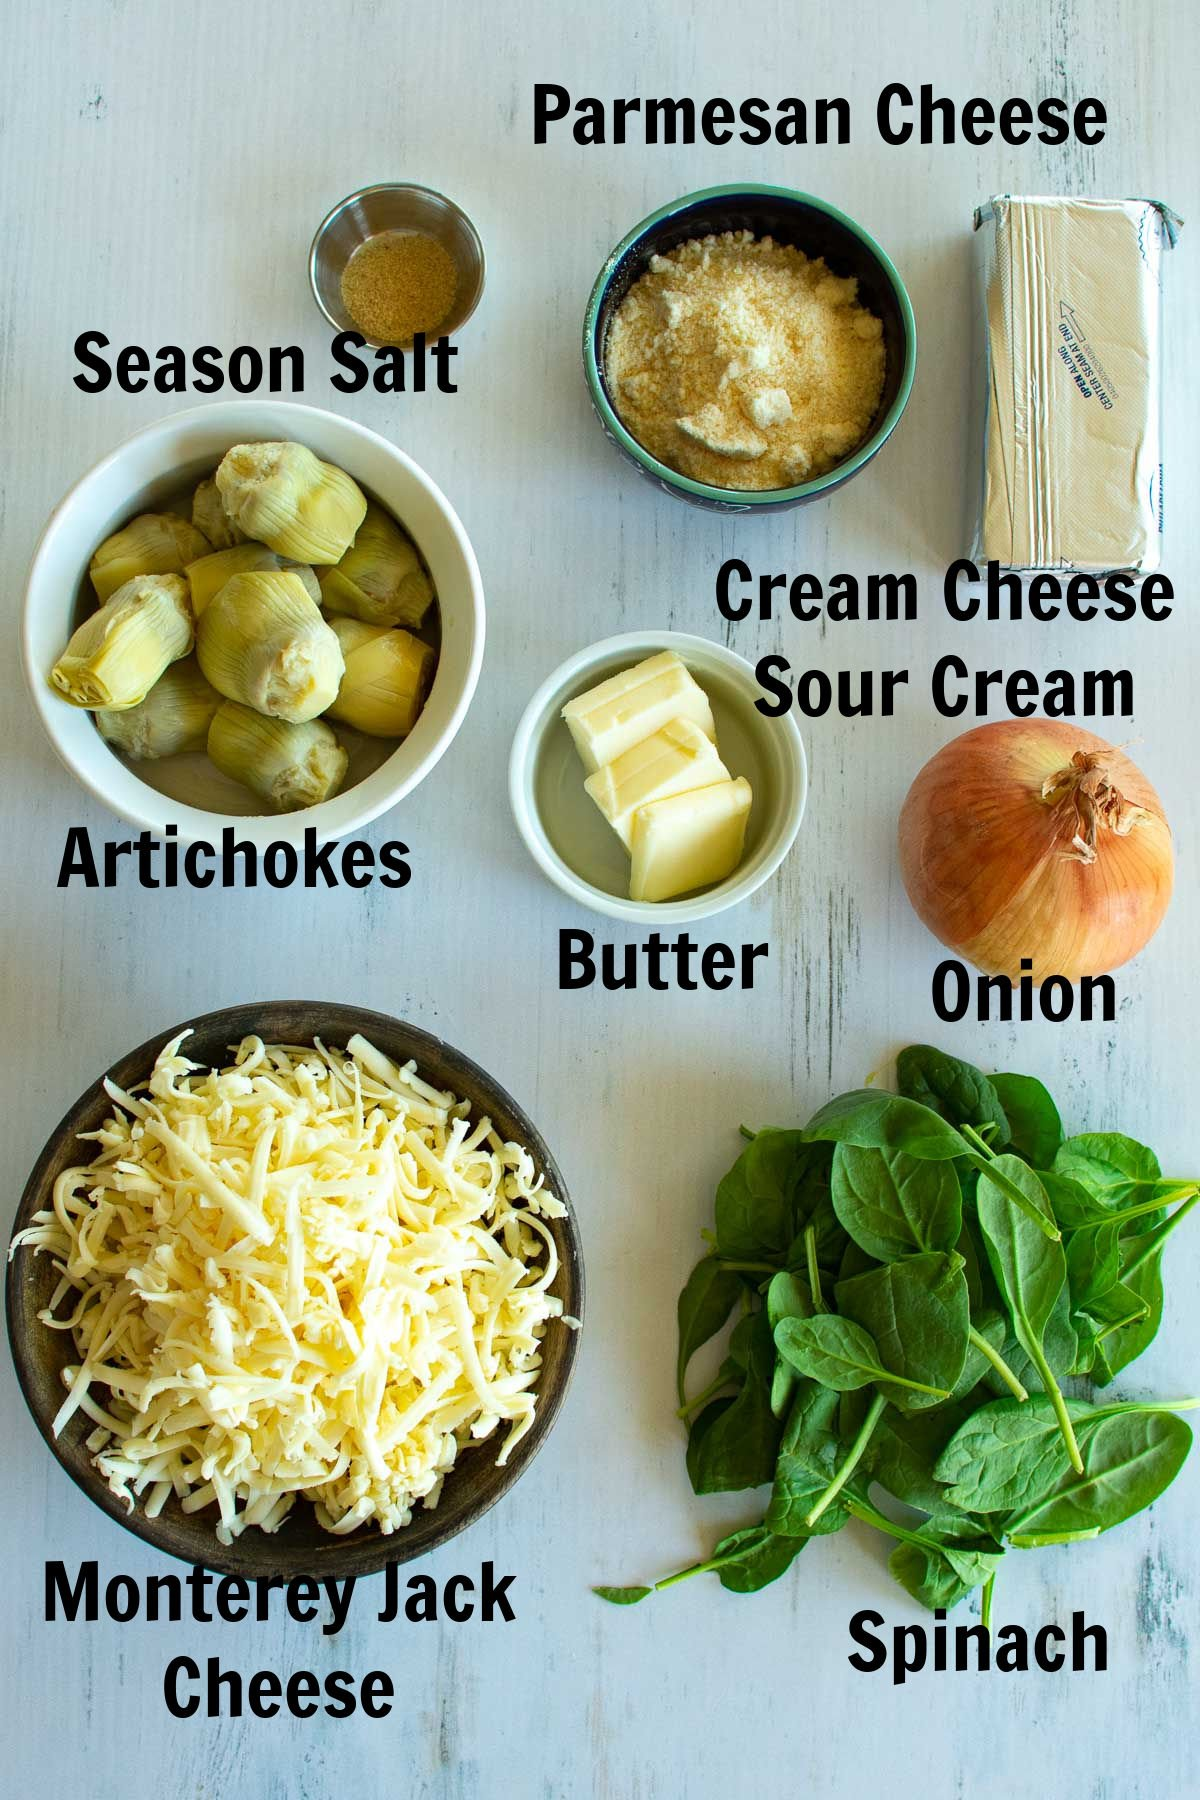 Ingredients needed to make artichoke dip.